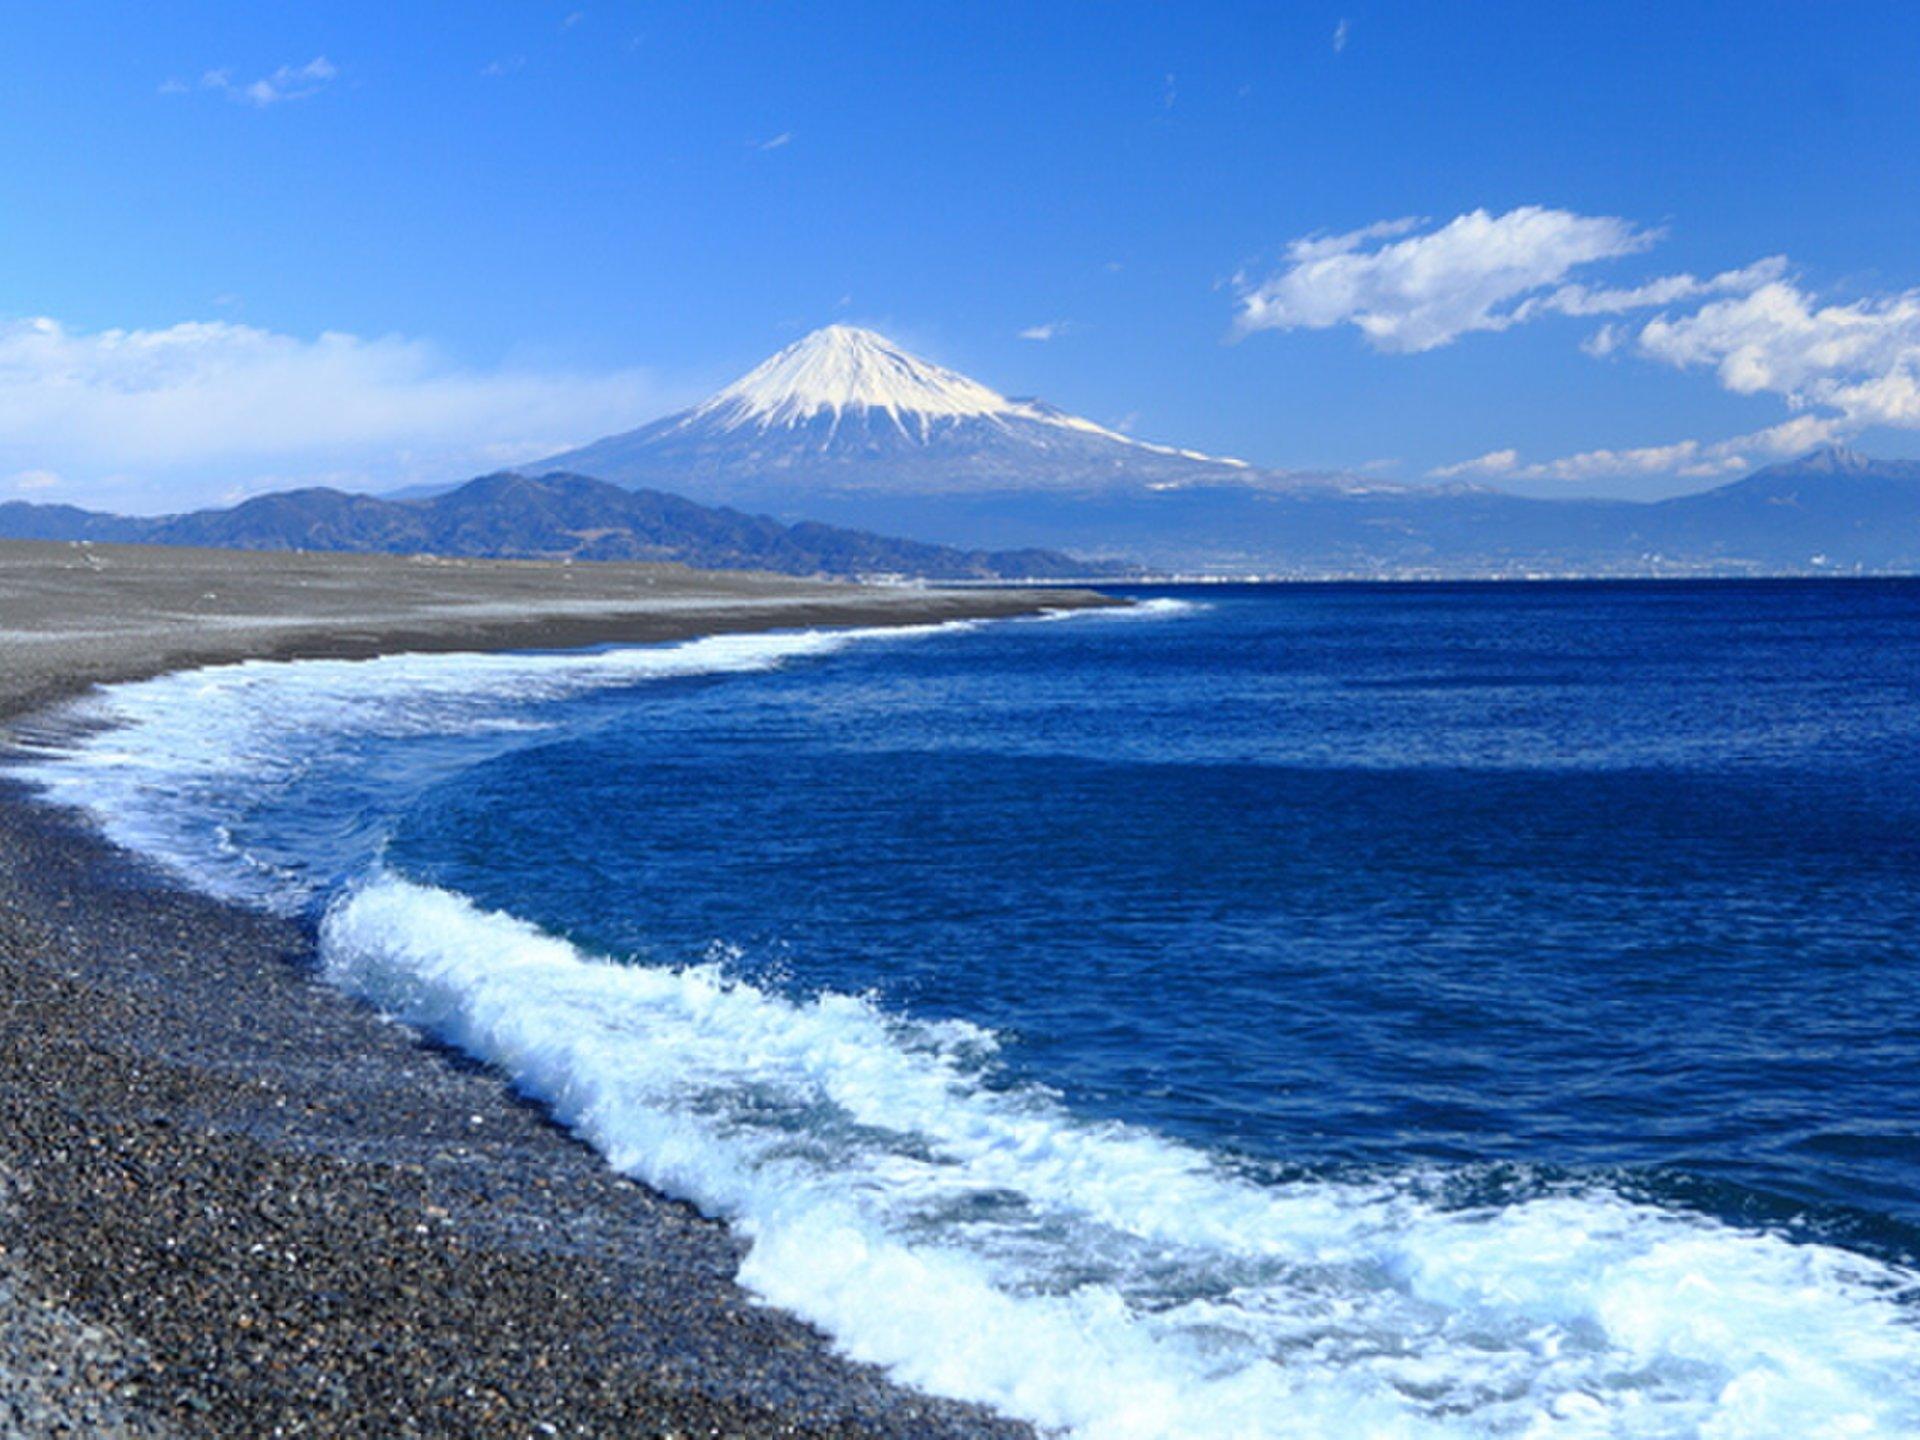 静岡県・清水でマグロを食し、世界遺産「三保の松原」で富士山【羽衣の松、エスパルス、ちびまる子】